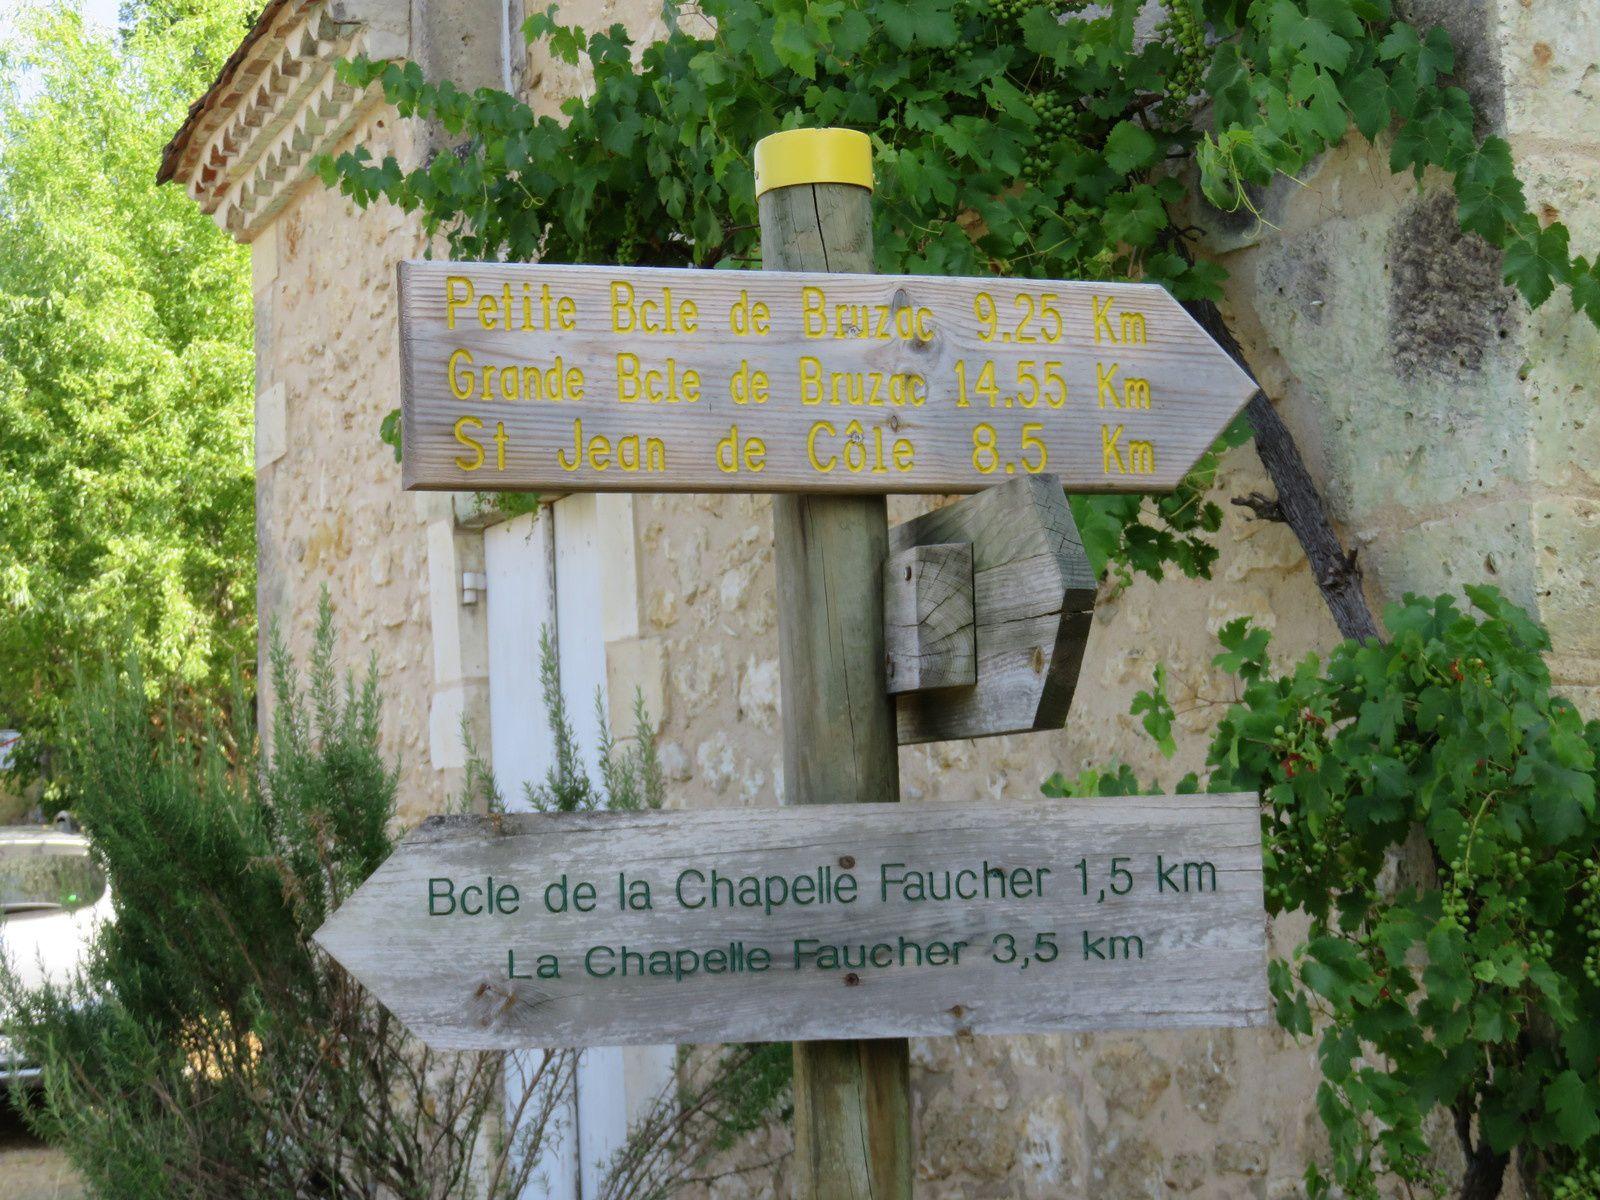 RANDONNEE EN DORDOGNE / SENTIER DE ST PIERRE DE COLE / TOURISME